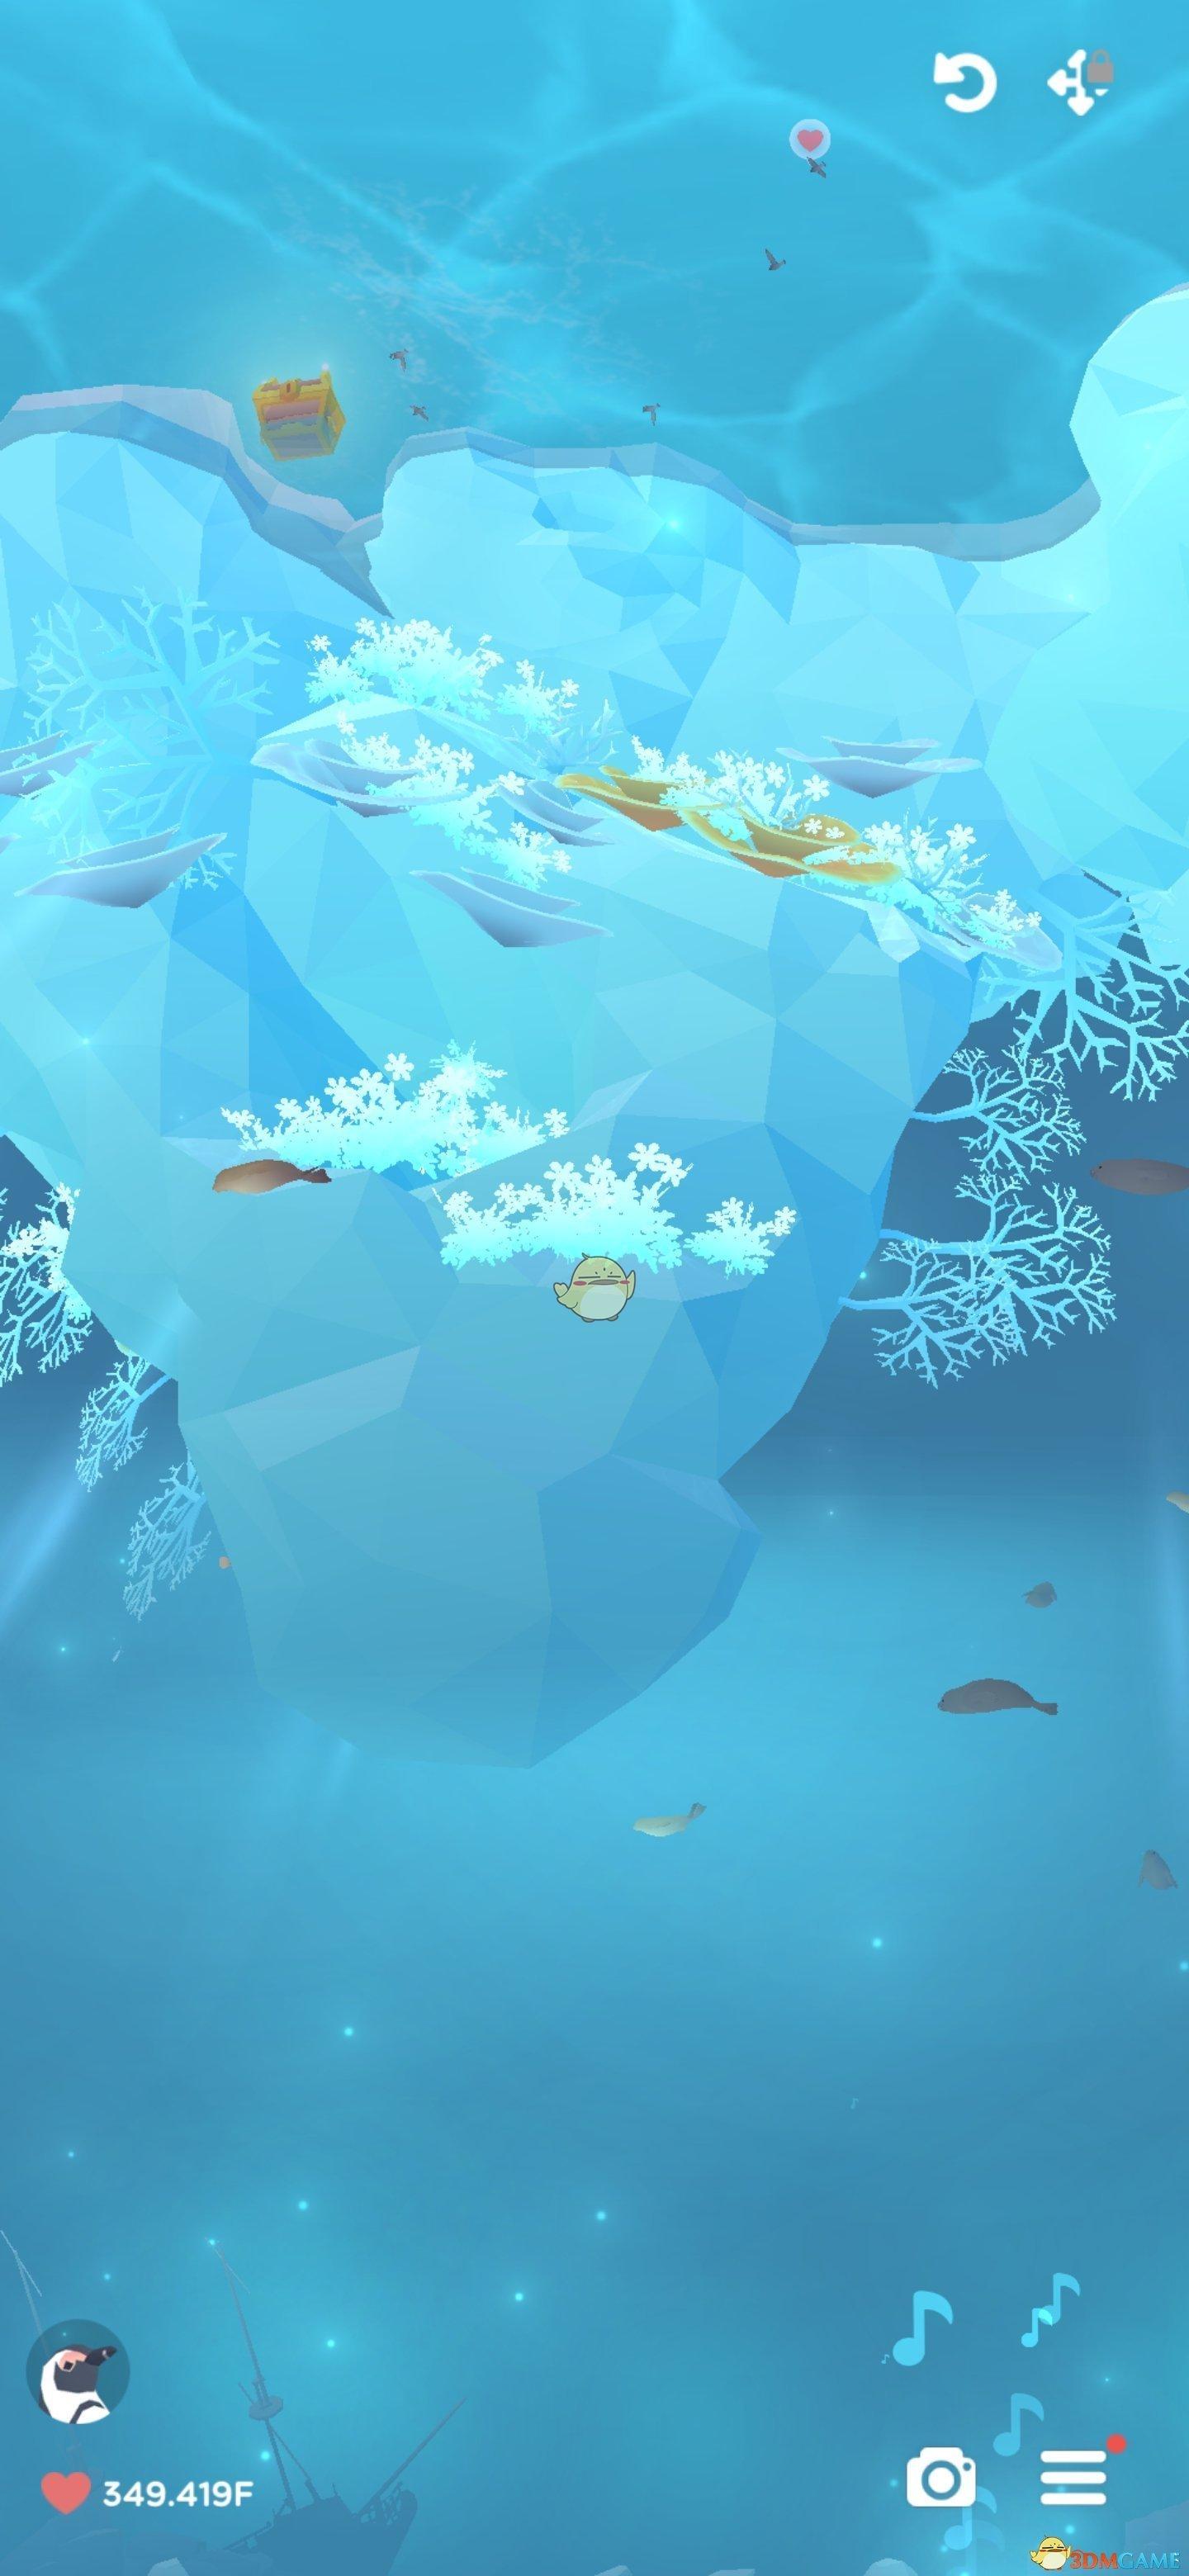 日常安利《深海水族馆极地》开荒极地世界 治愈人与自然